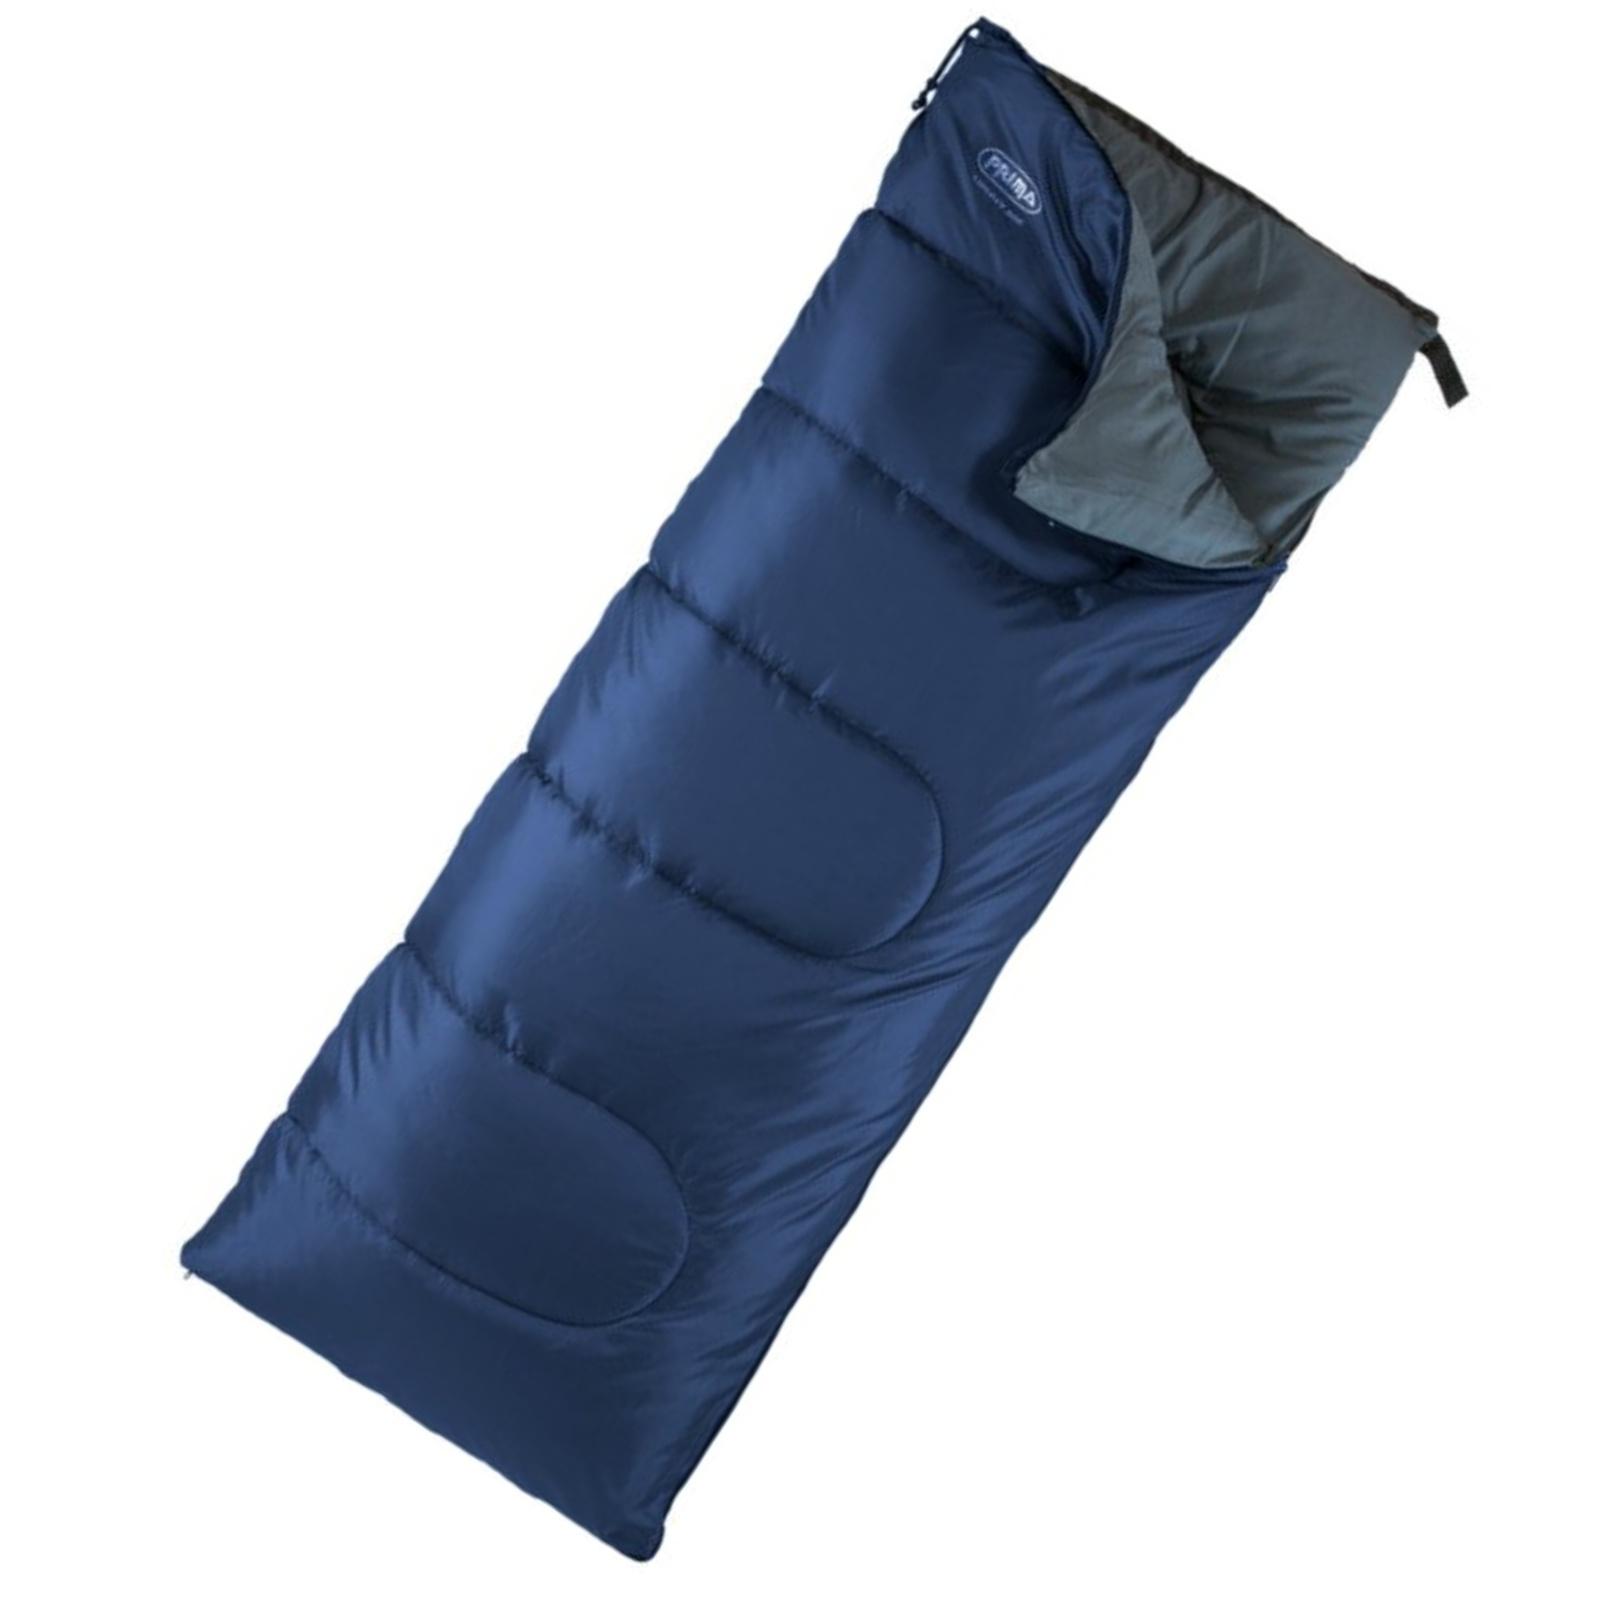 Spací pytel PRIMA Liberty 200 modrý - pravý zip